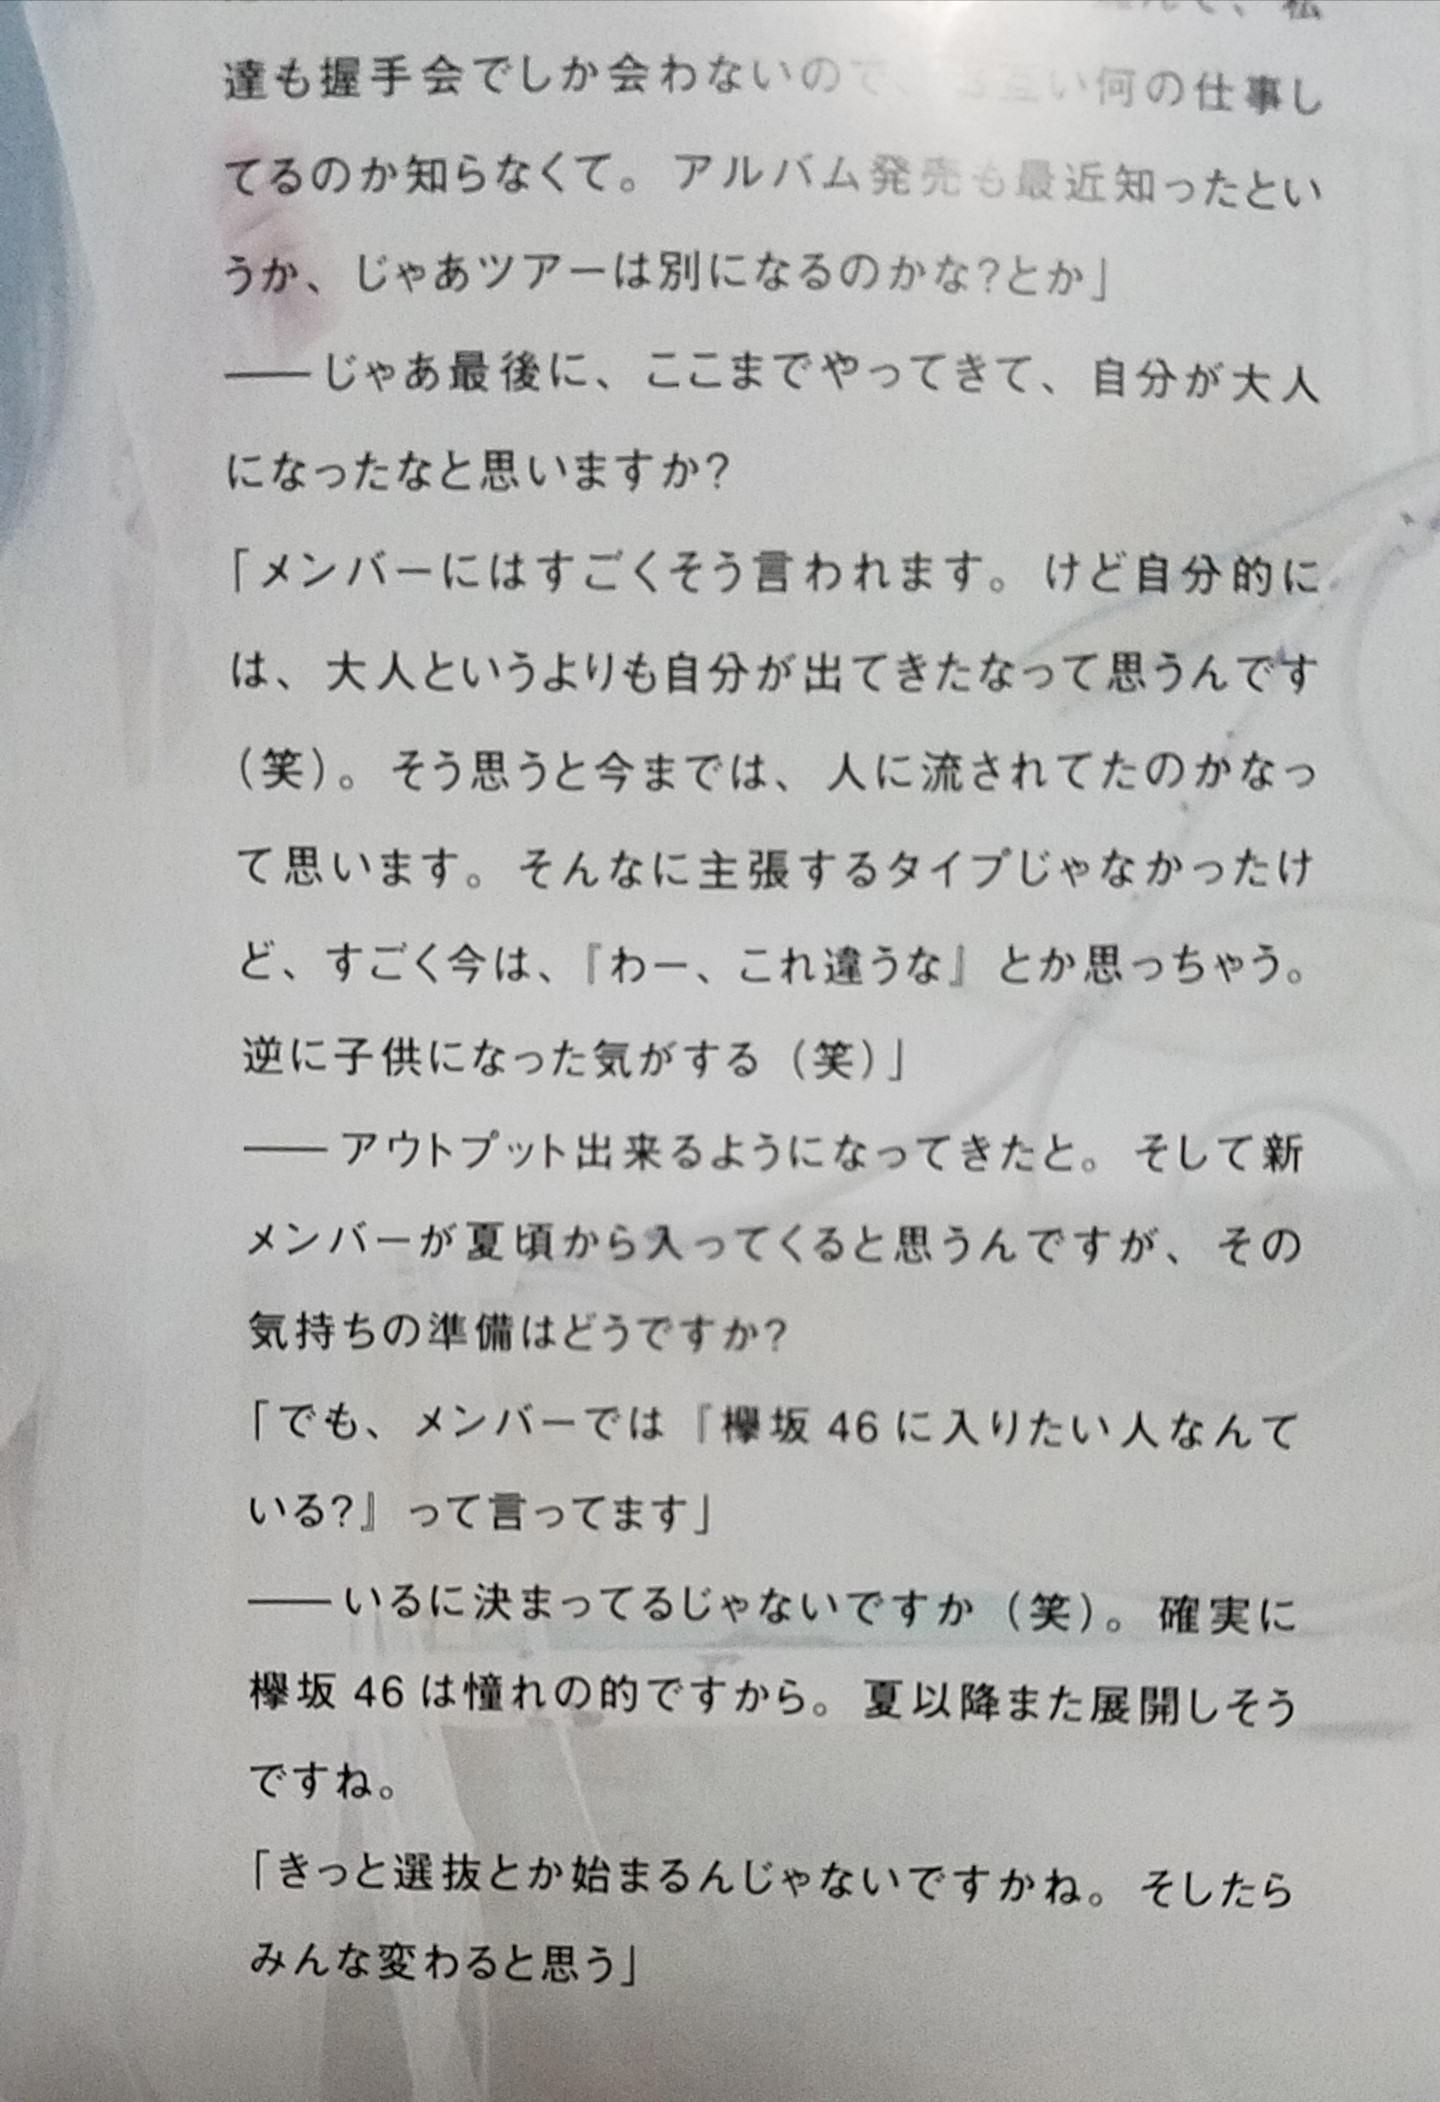 上村莉菜「メンバーでは『欅坂に入りたい人なんている?』って言ってます」